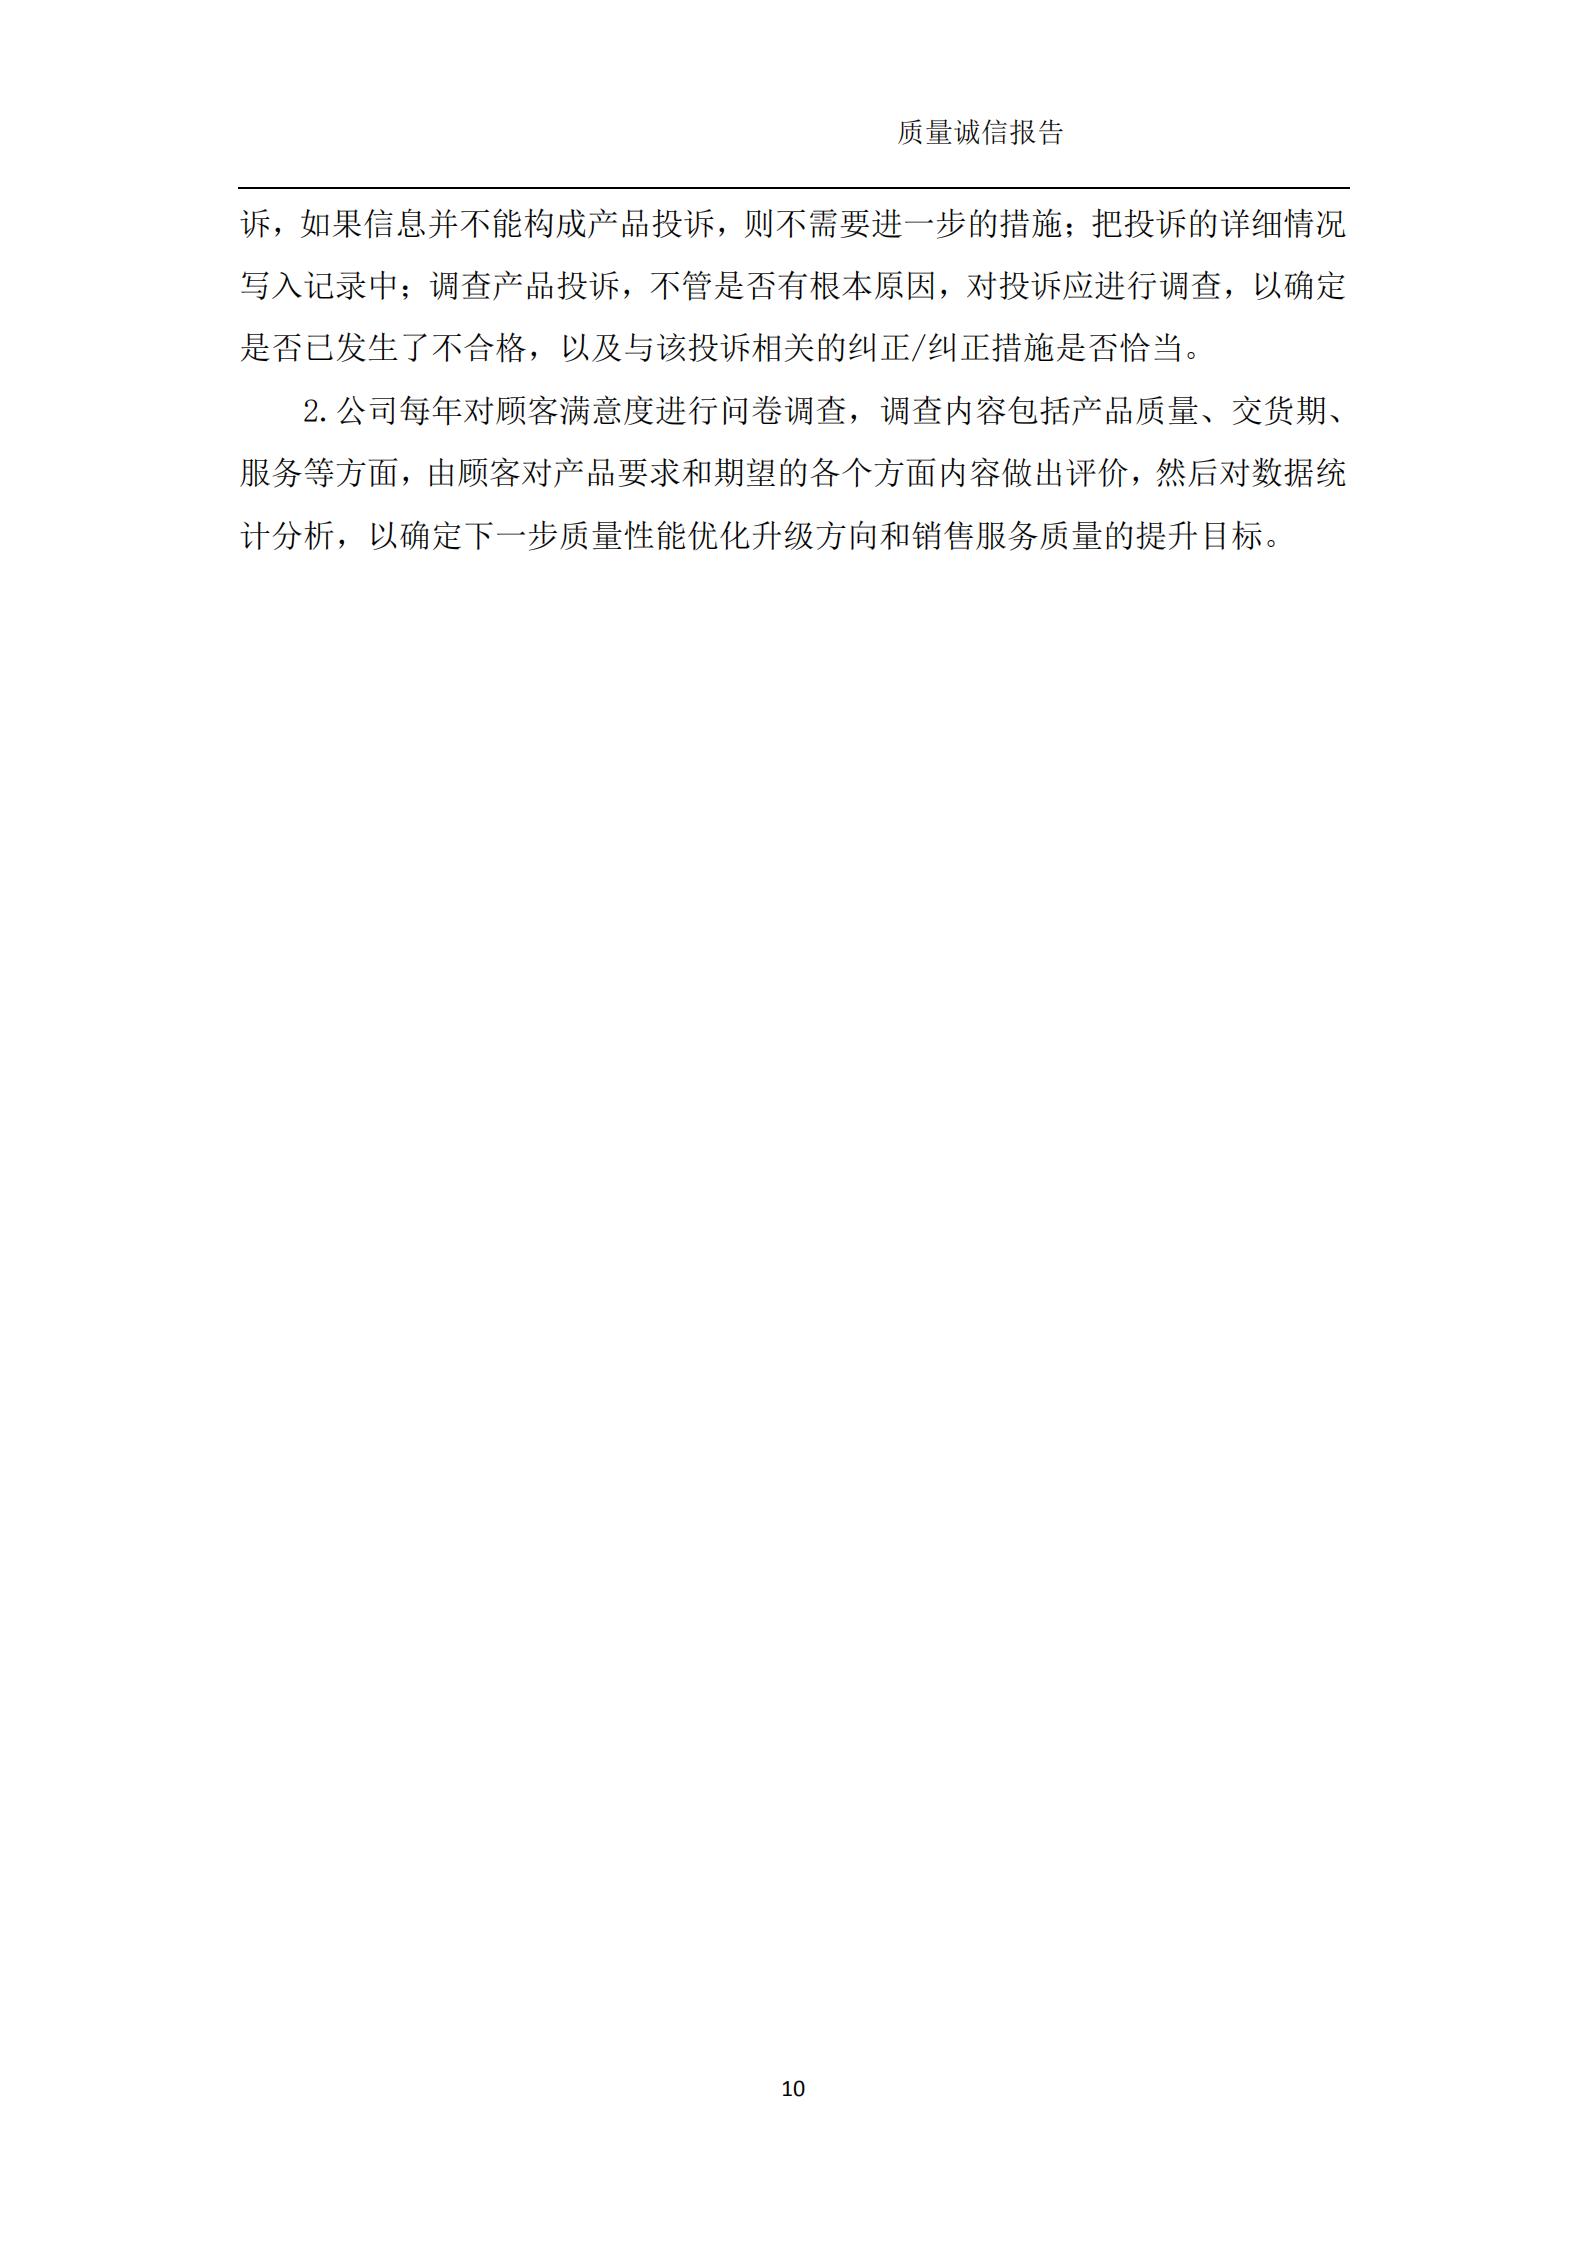 浙江新诚减速机科技有限公司-质量诚信报告(1)_11.png